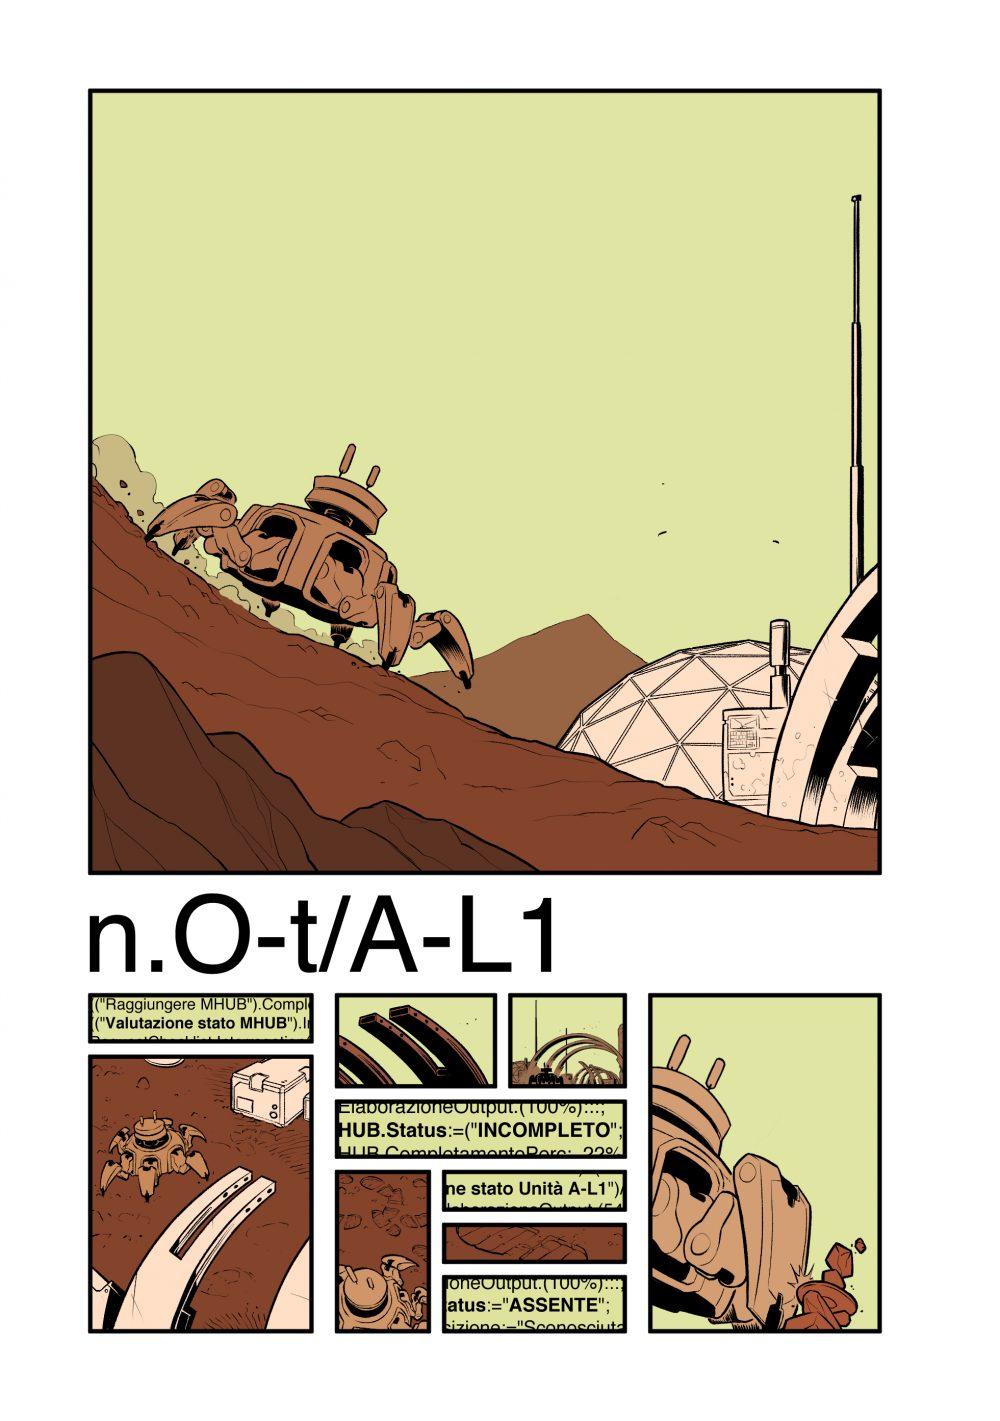 n.O-t/a-L1, anteprima 02